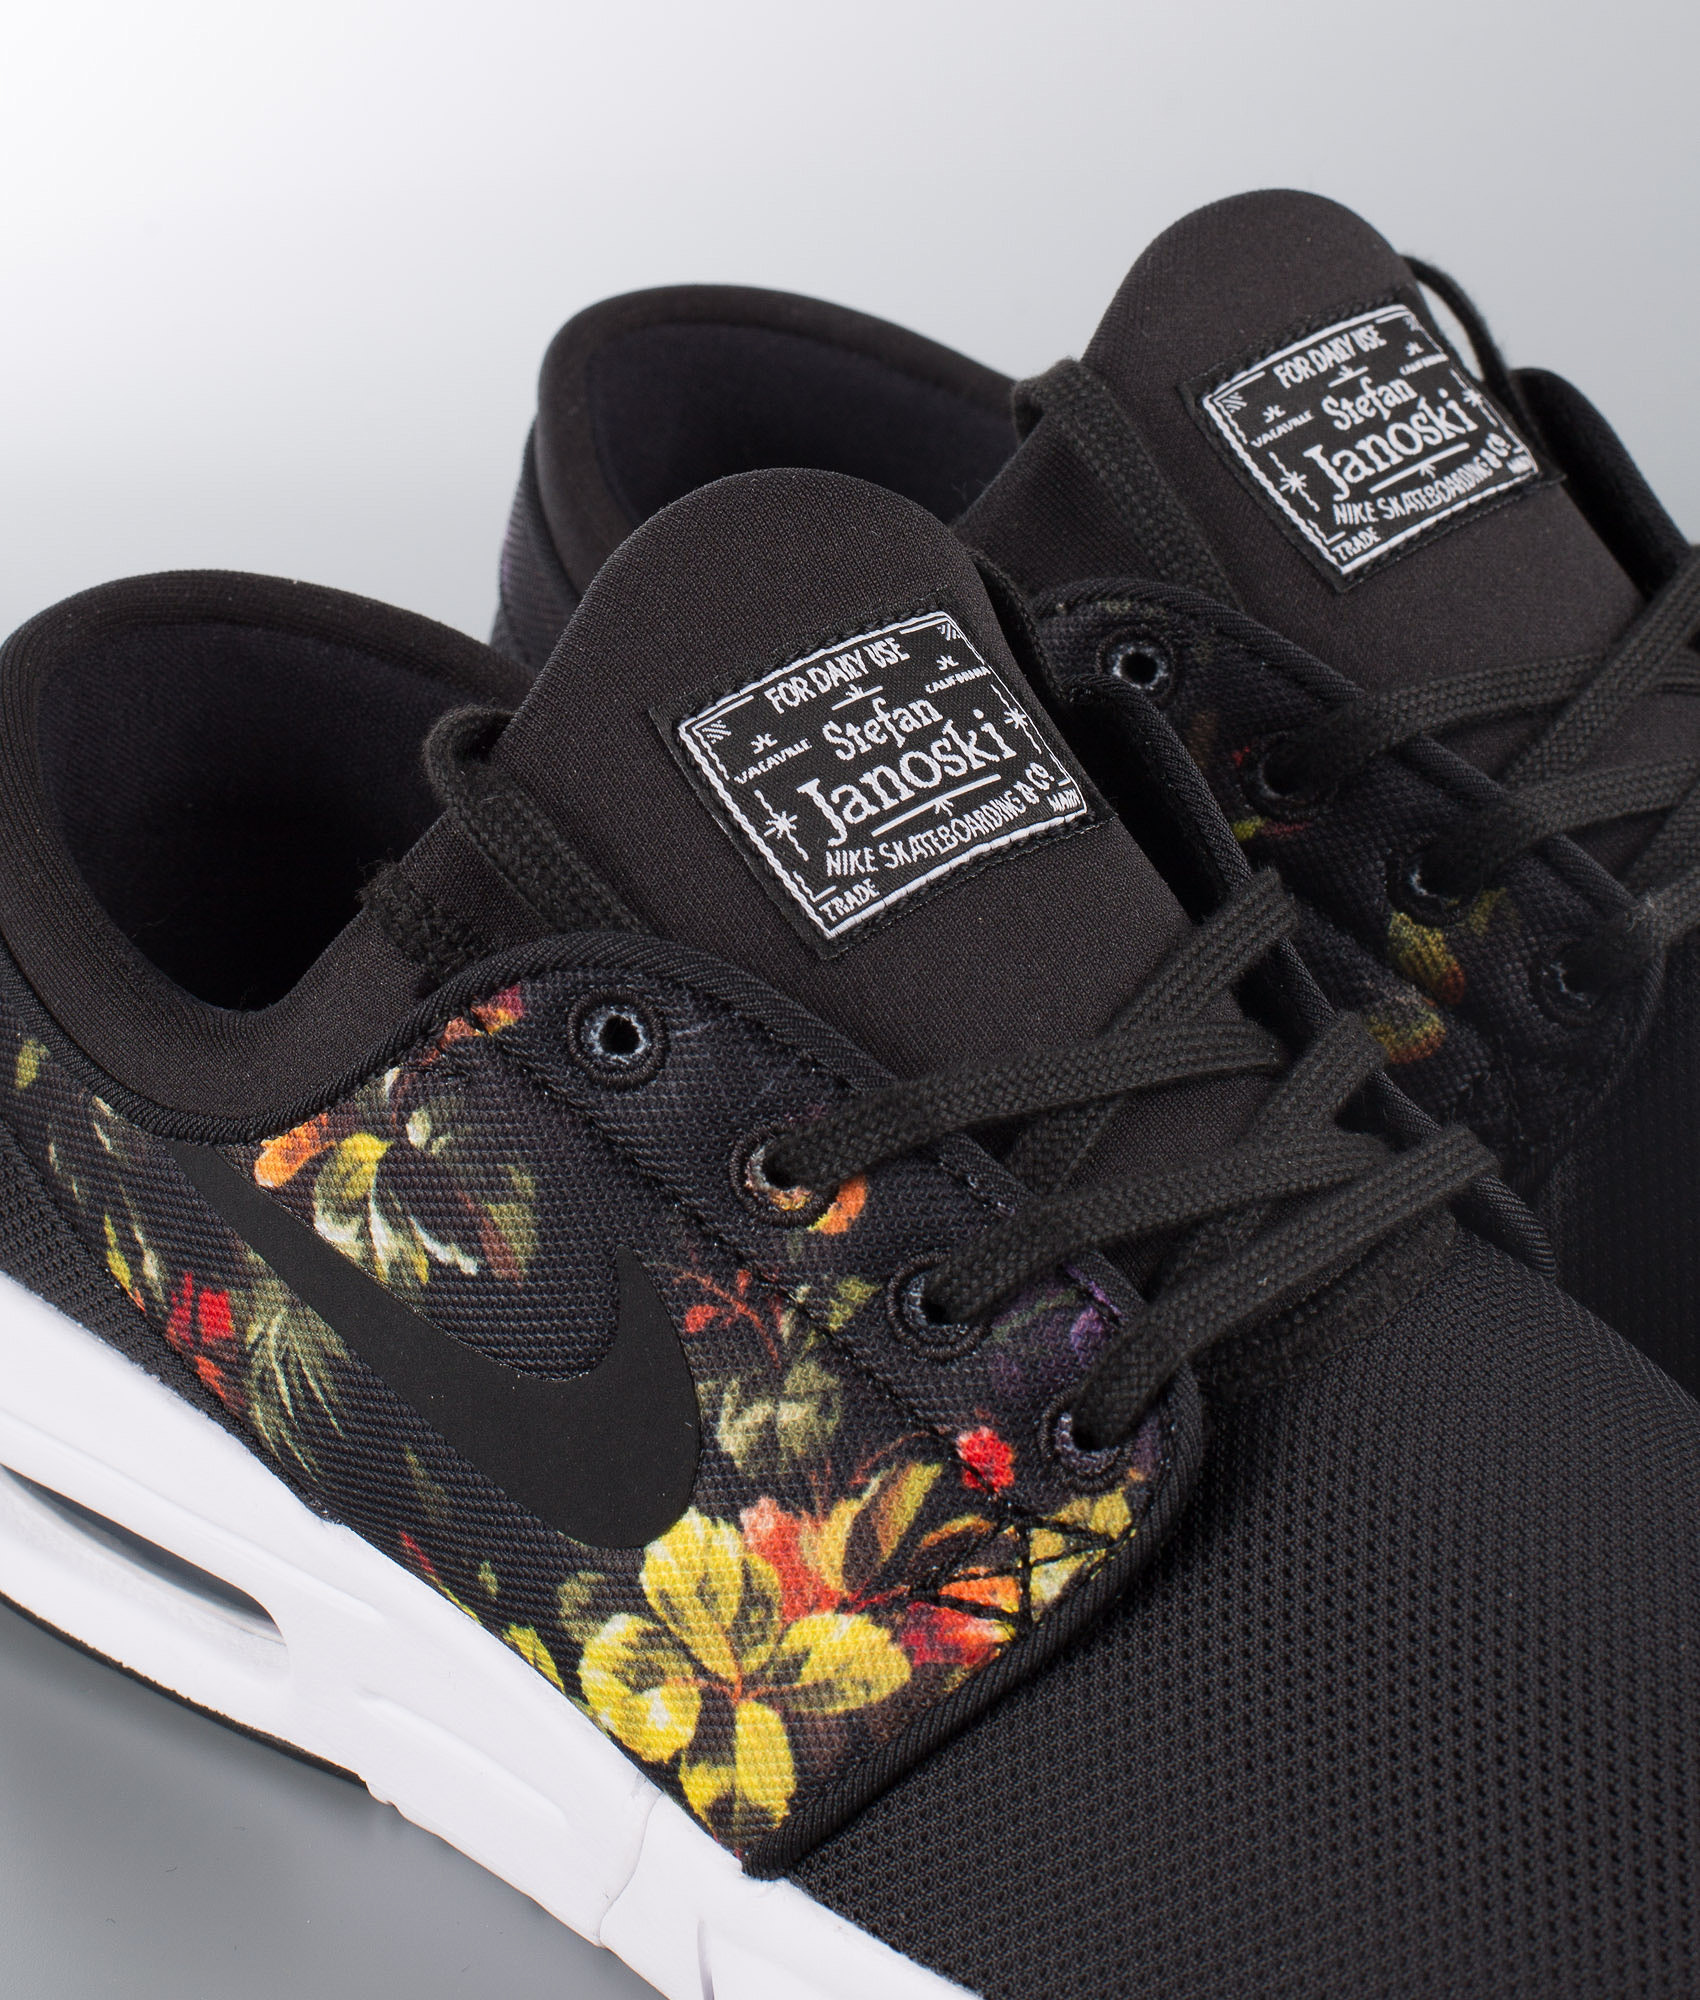 Nike Stefan Janoski Max Shoes Black Black-Multi-Color - Ridestore.com 909b52b59175